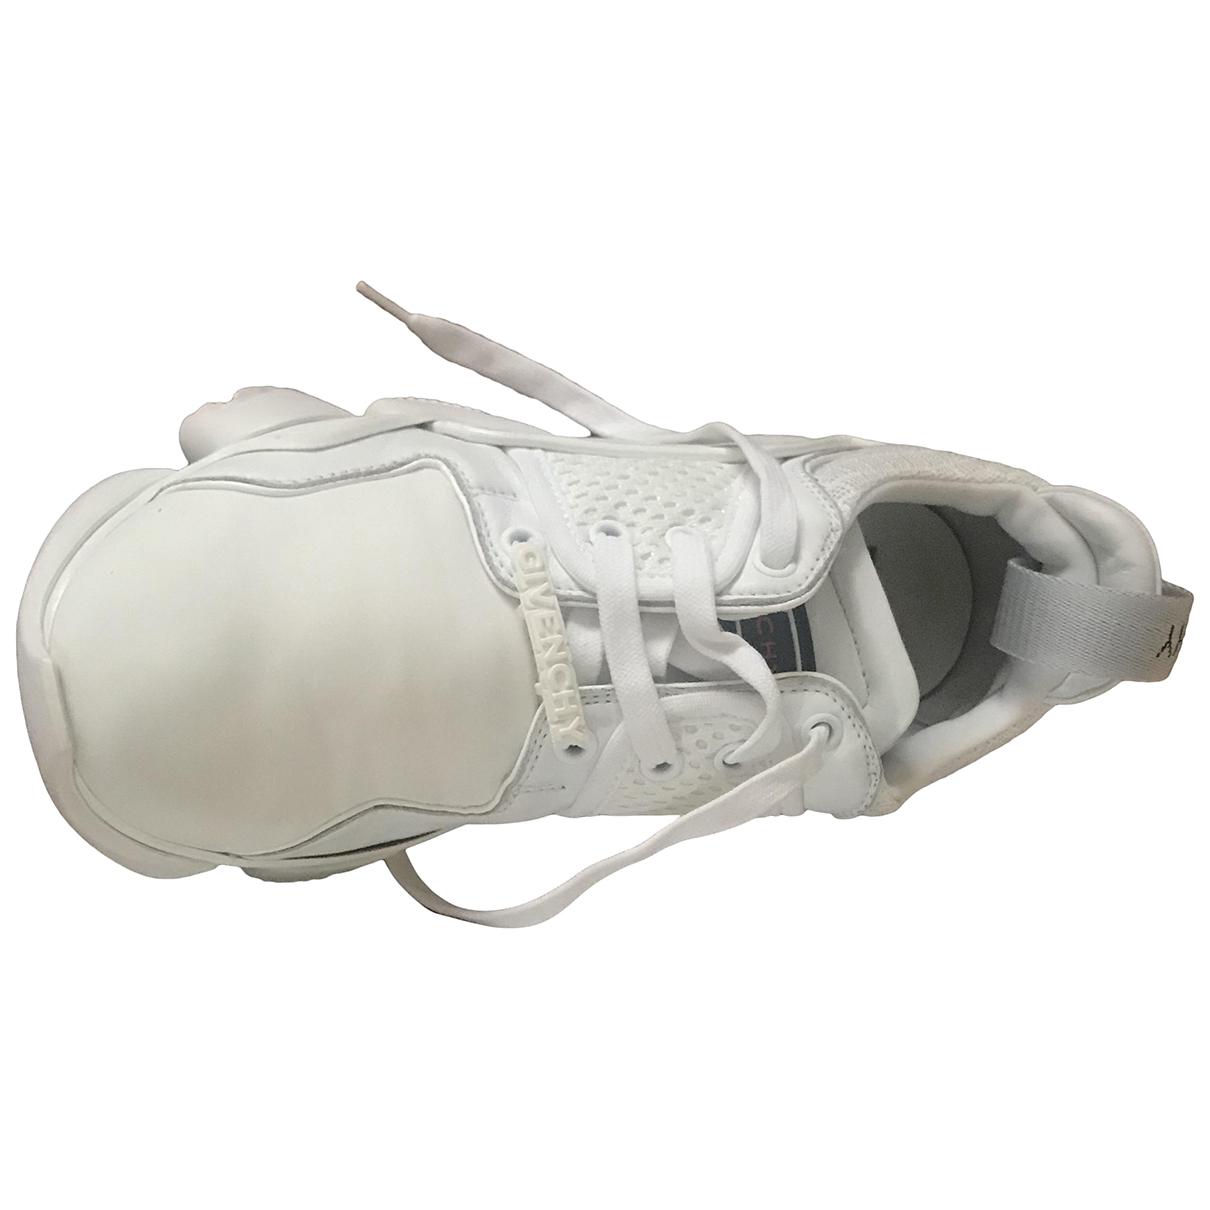 Givenchy - Baskets   pour femme en toile - blanc